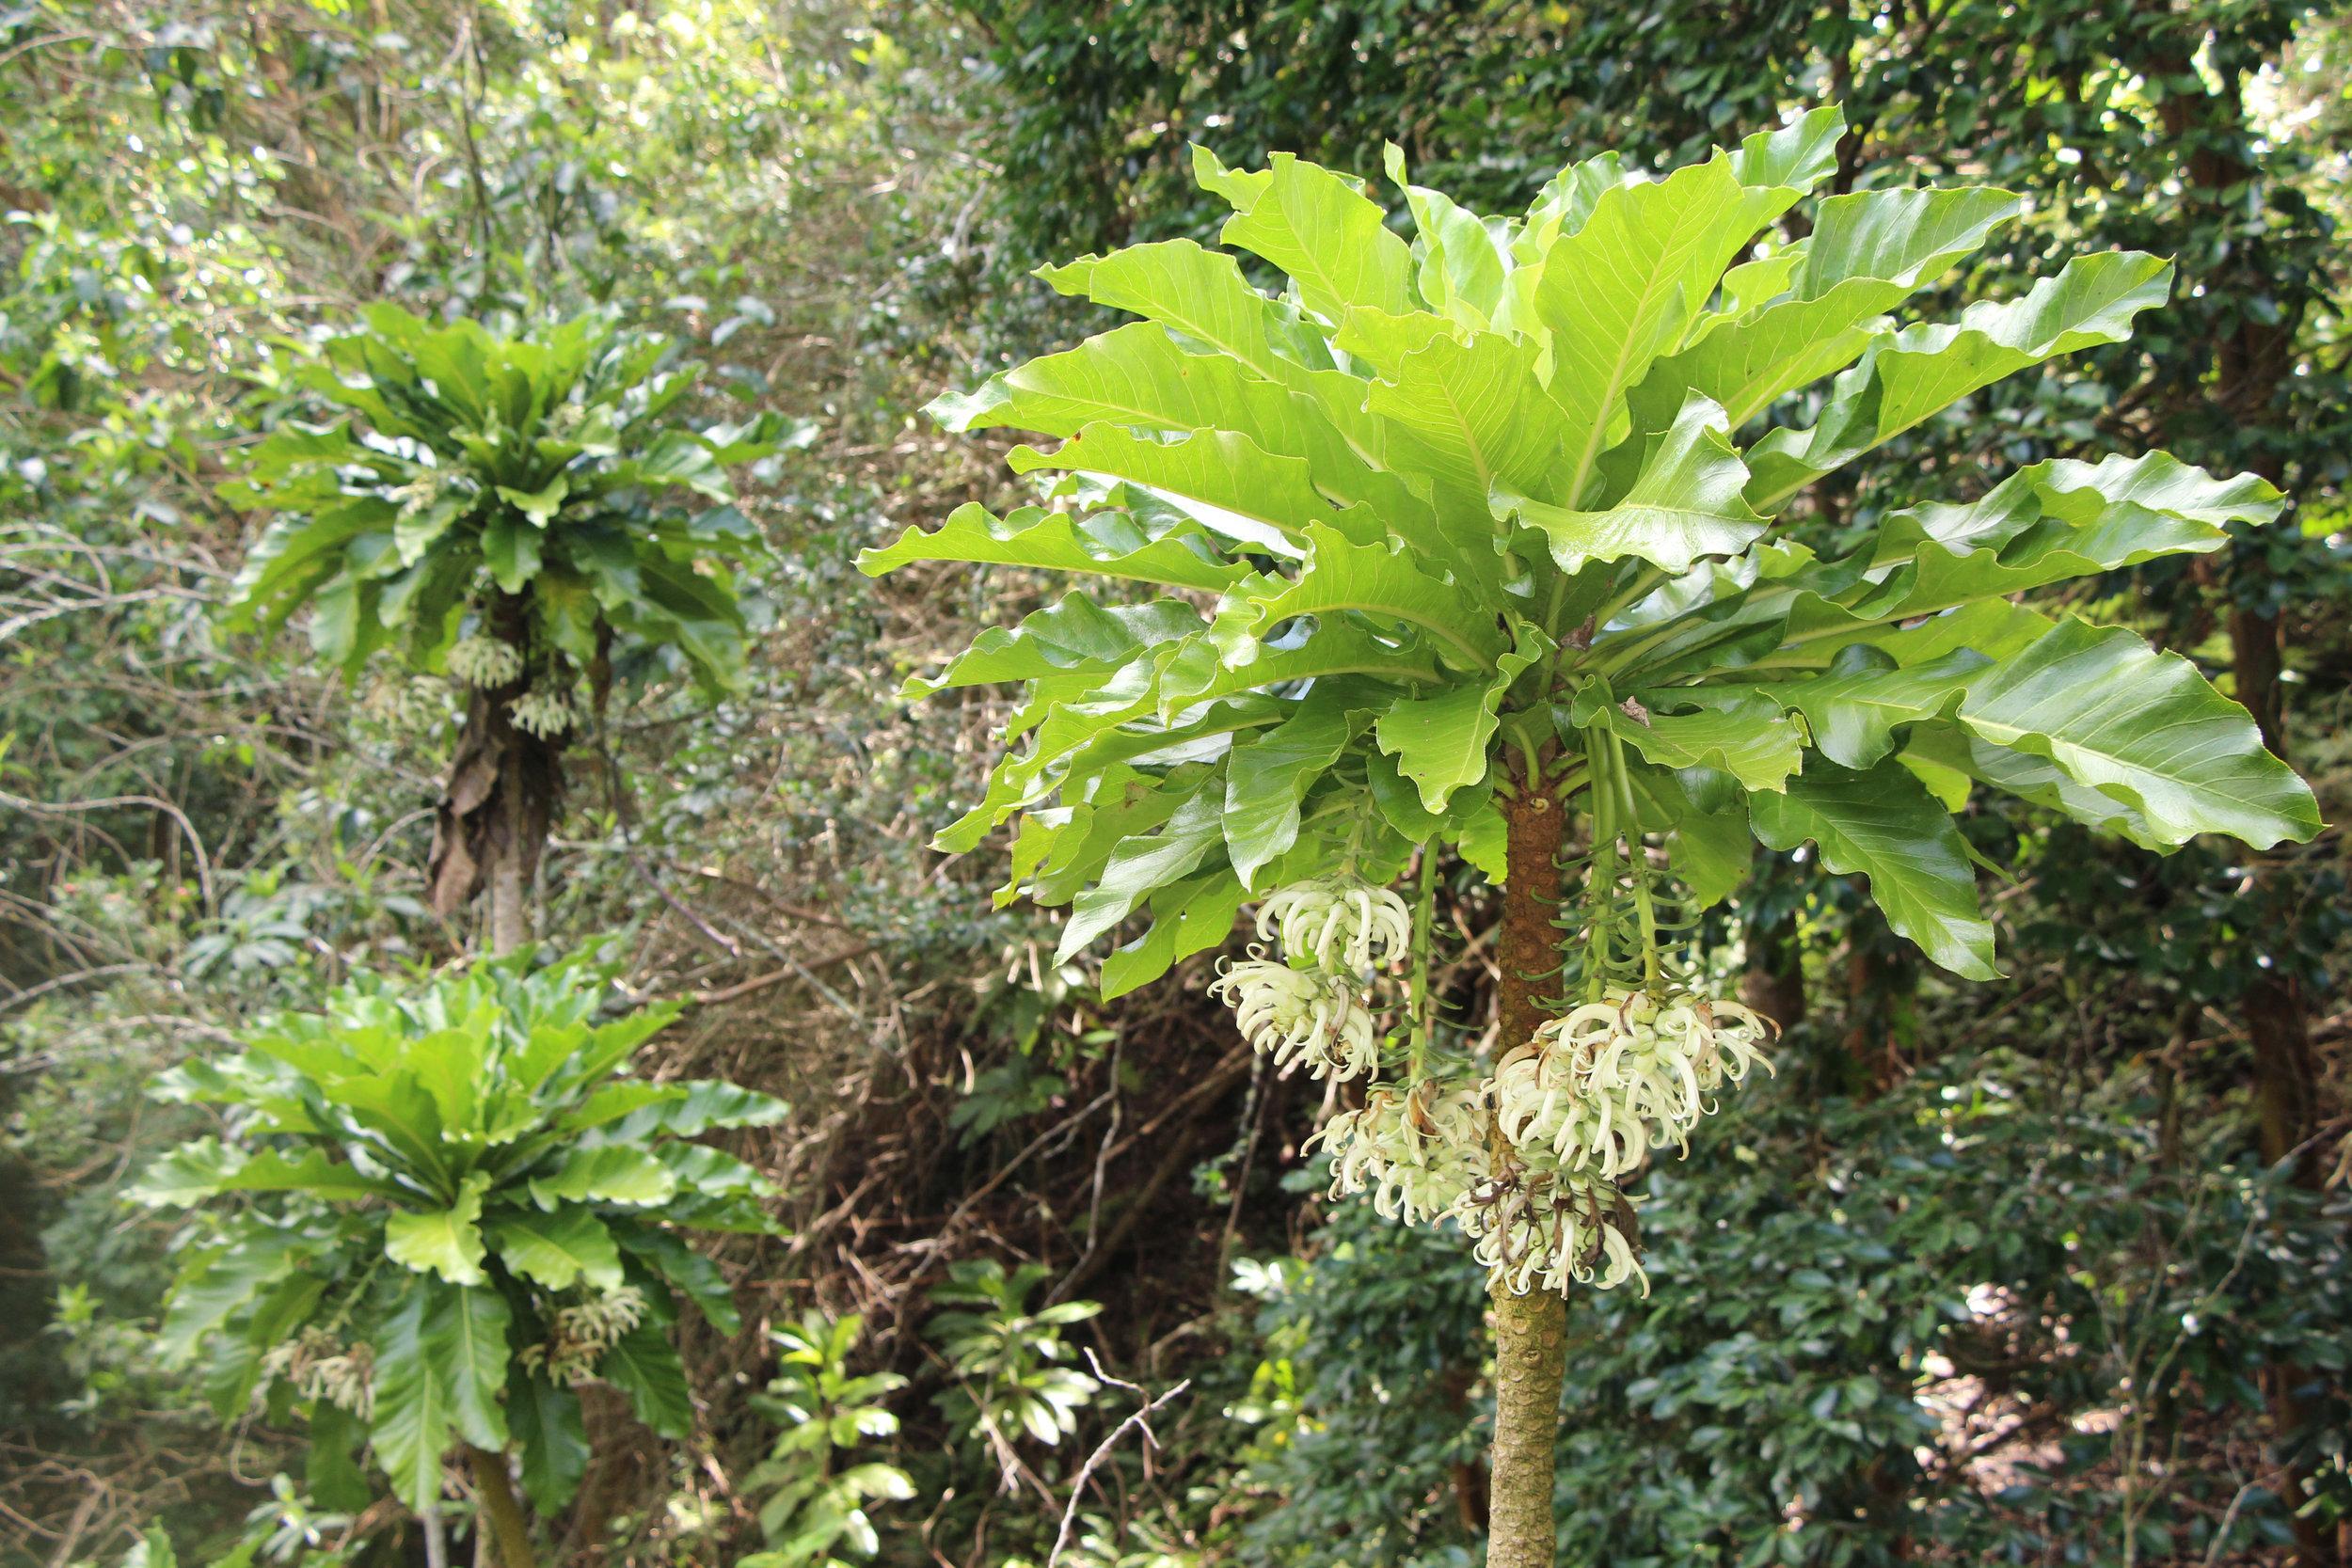 Hāhā tree